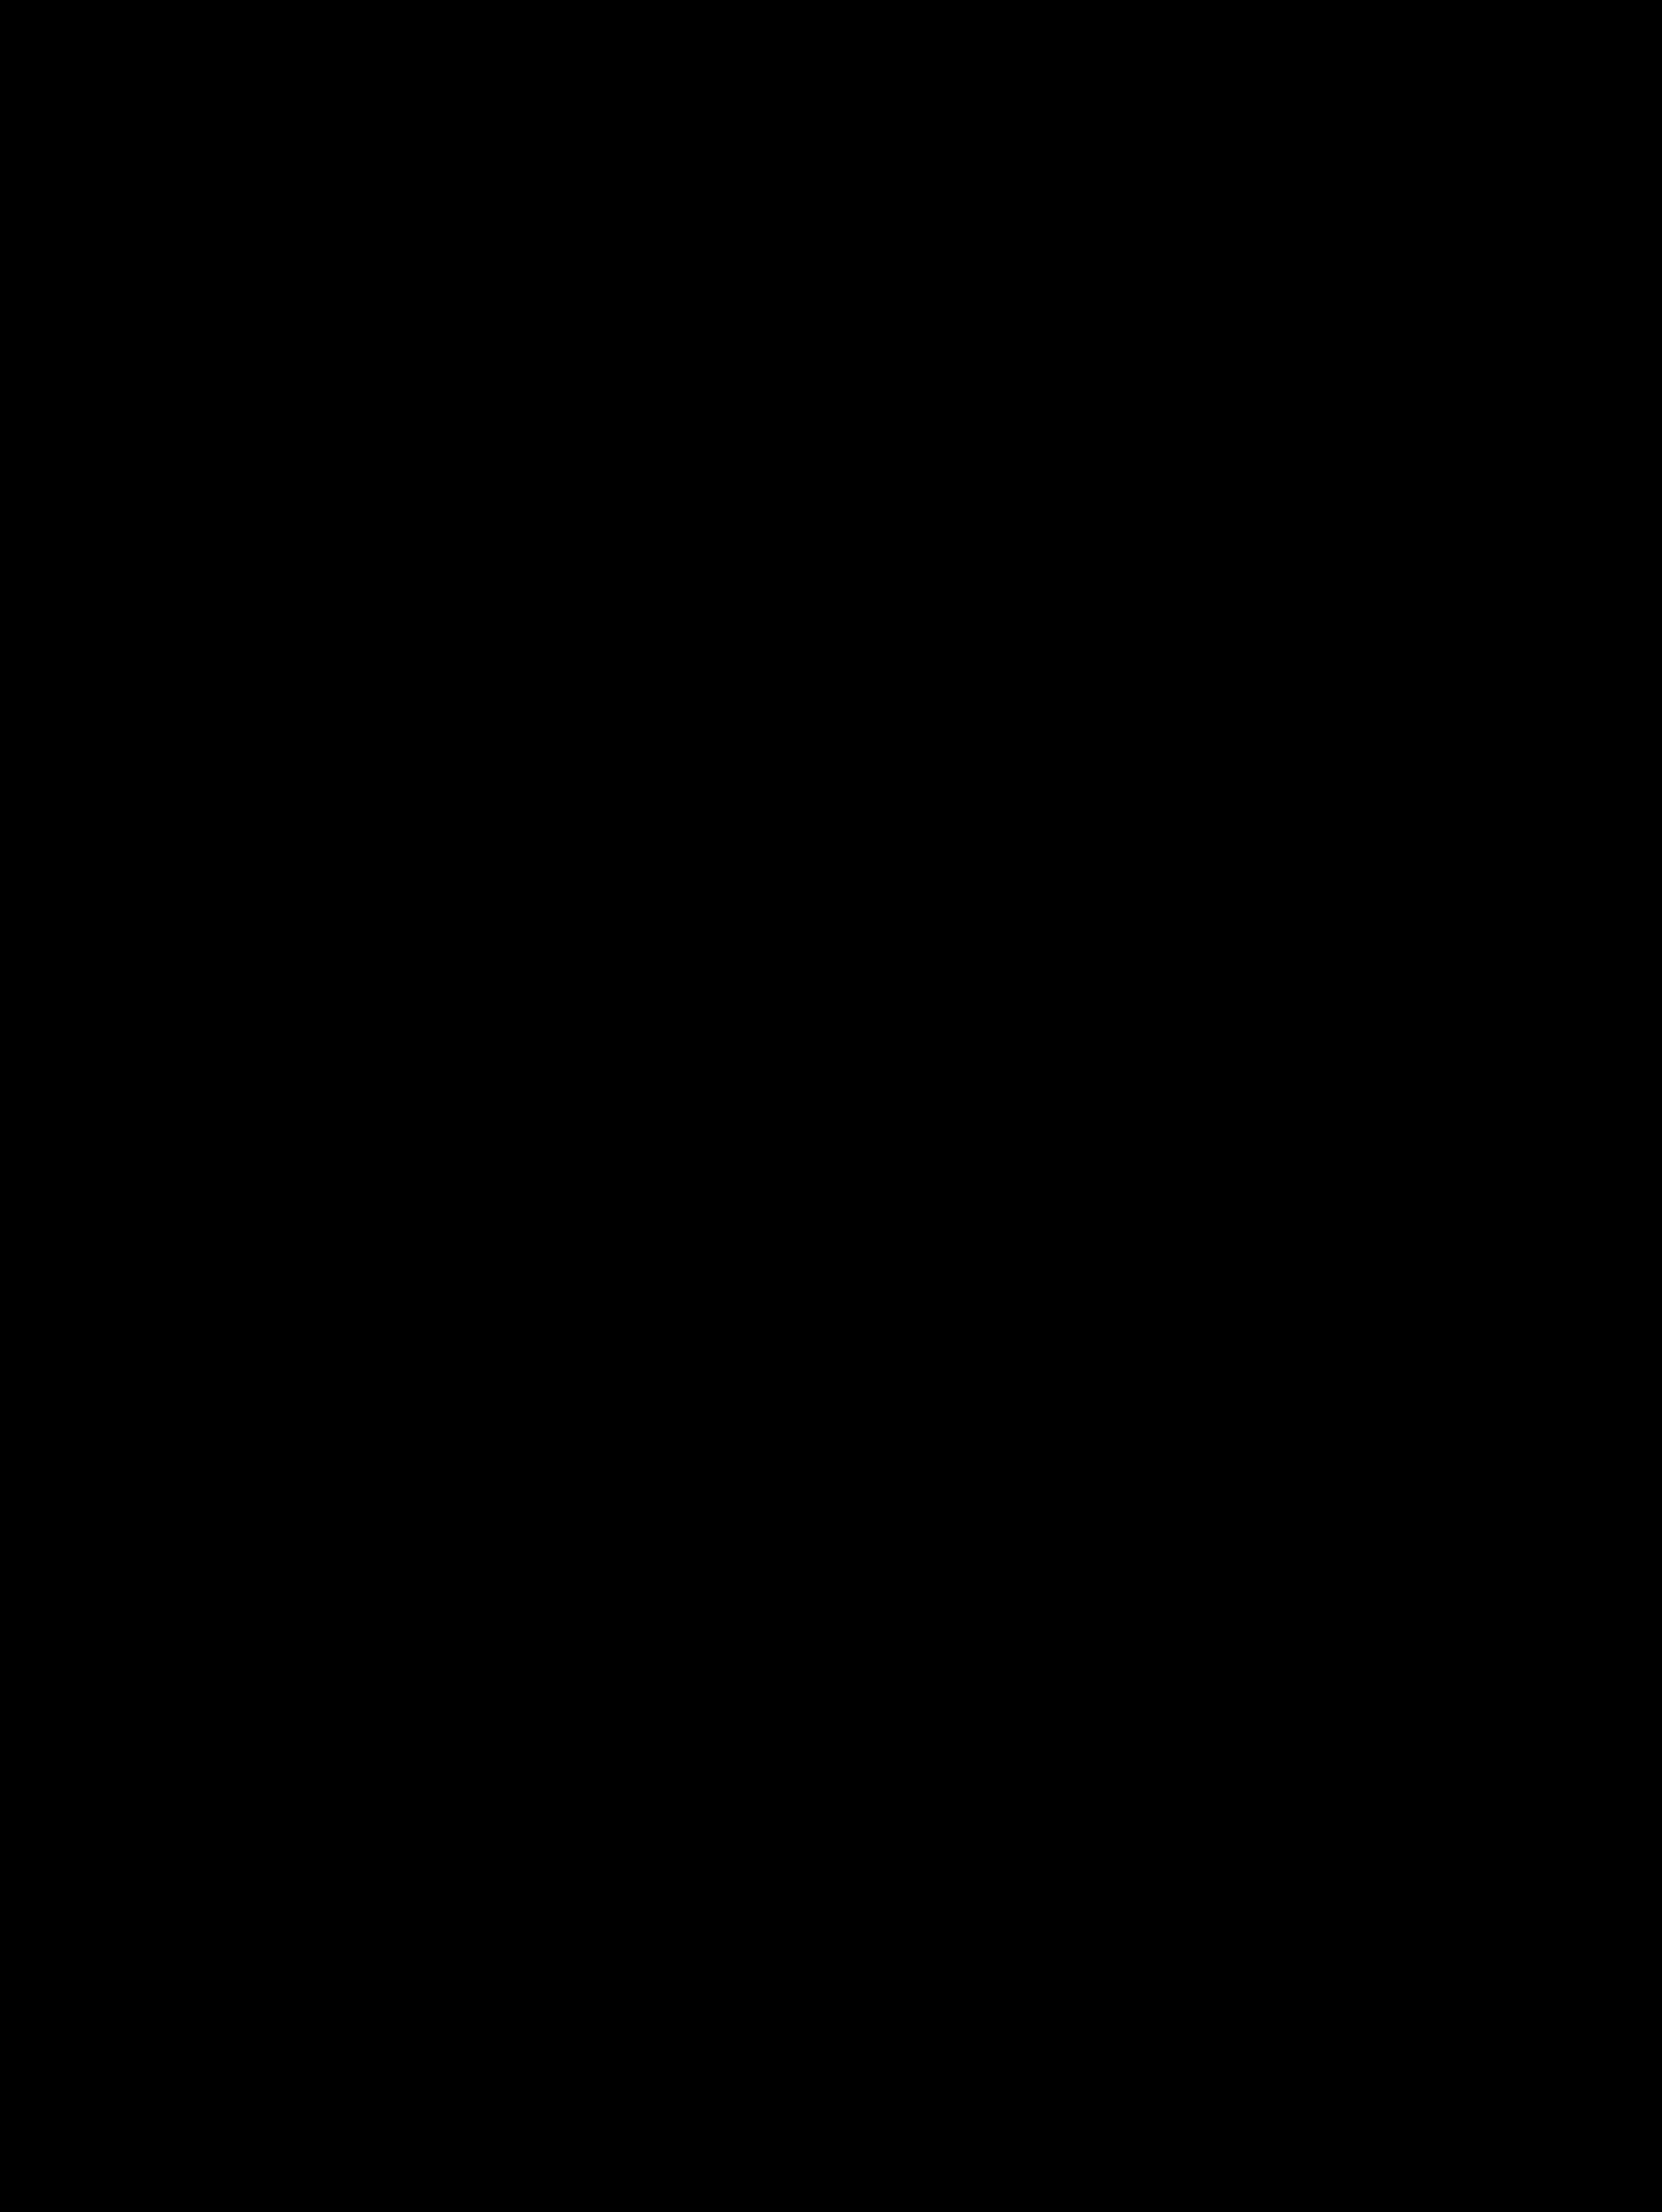 village nude girls show